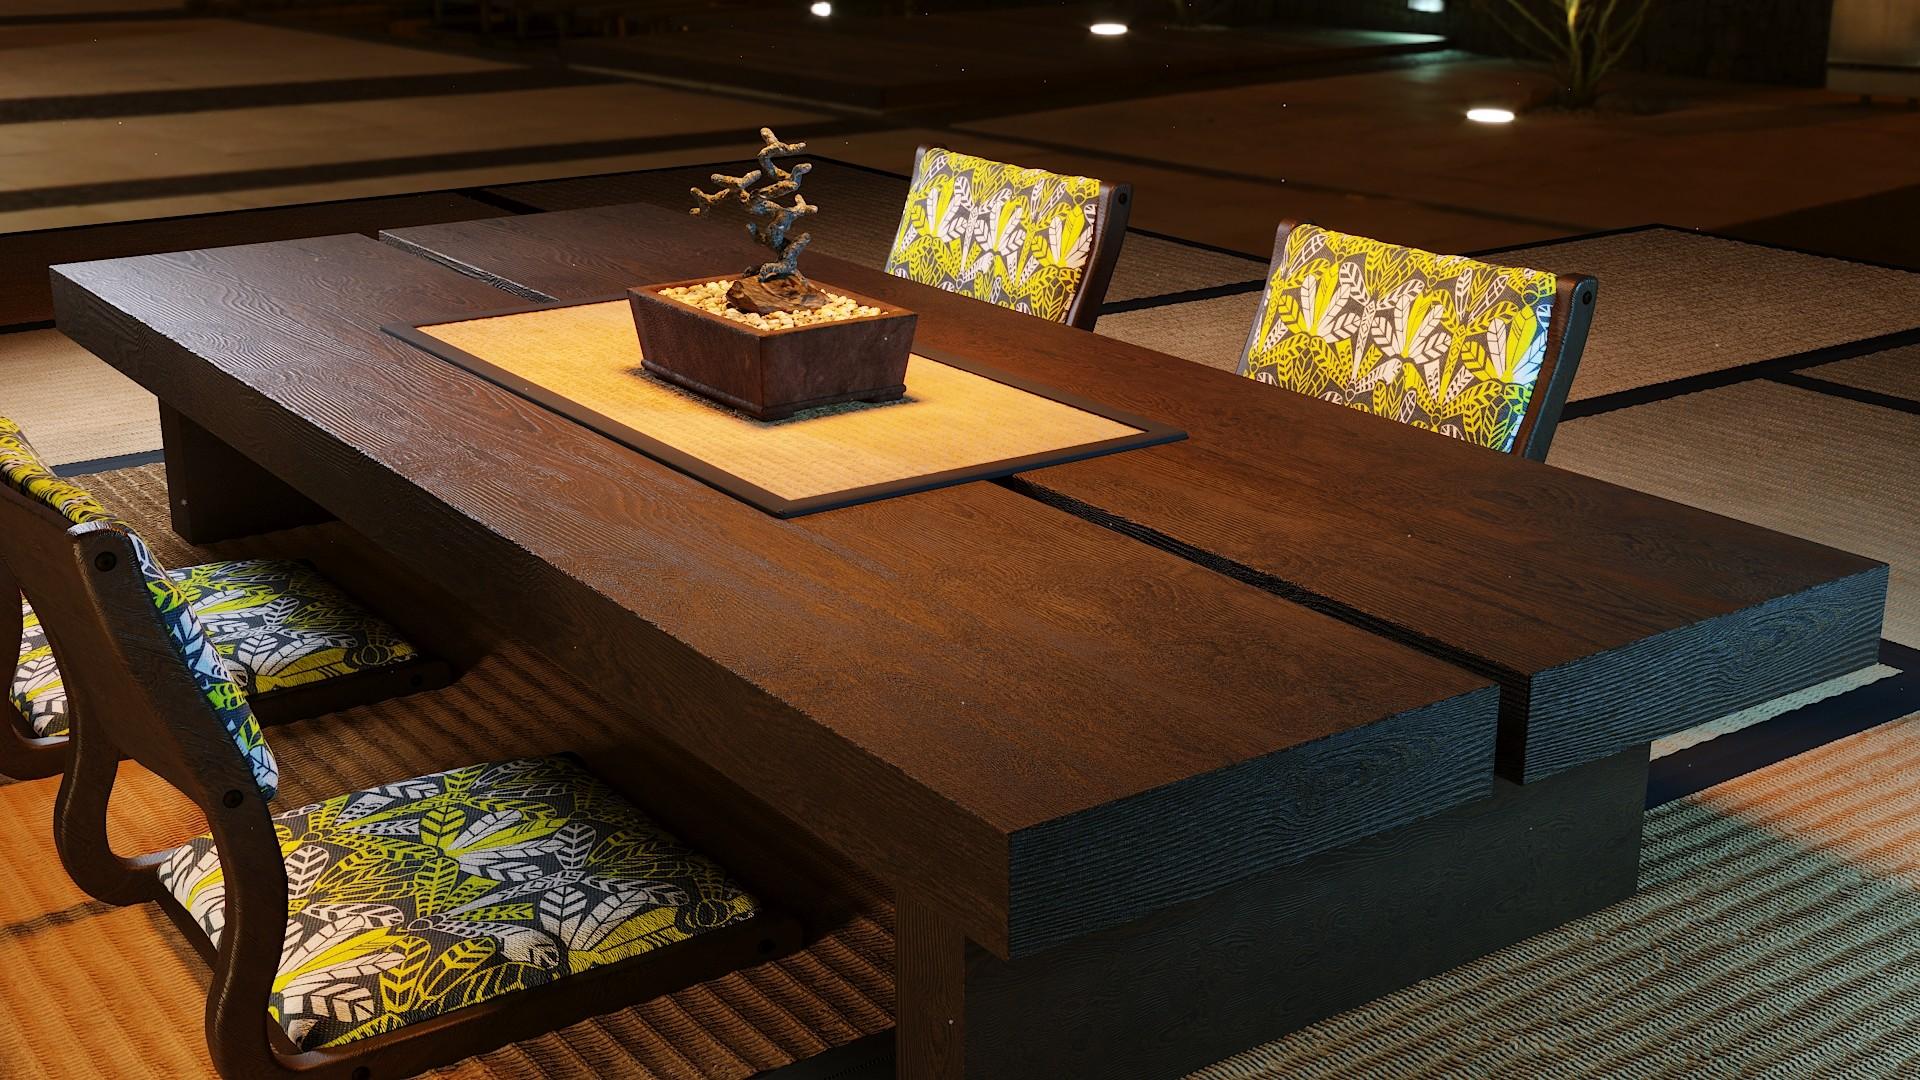 Jussi Jantunen - Japanese style floor table set